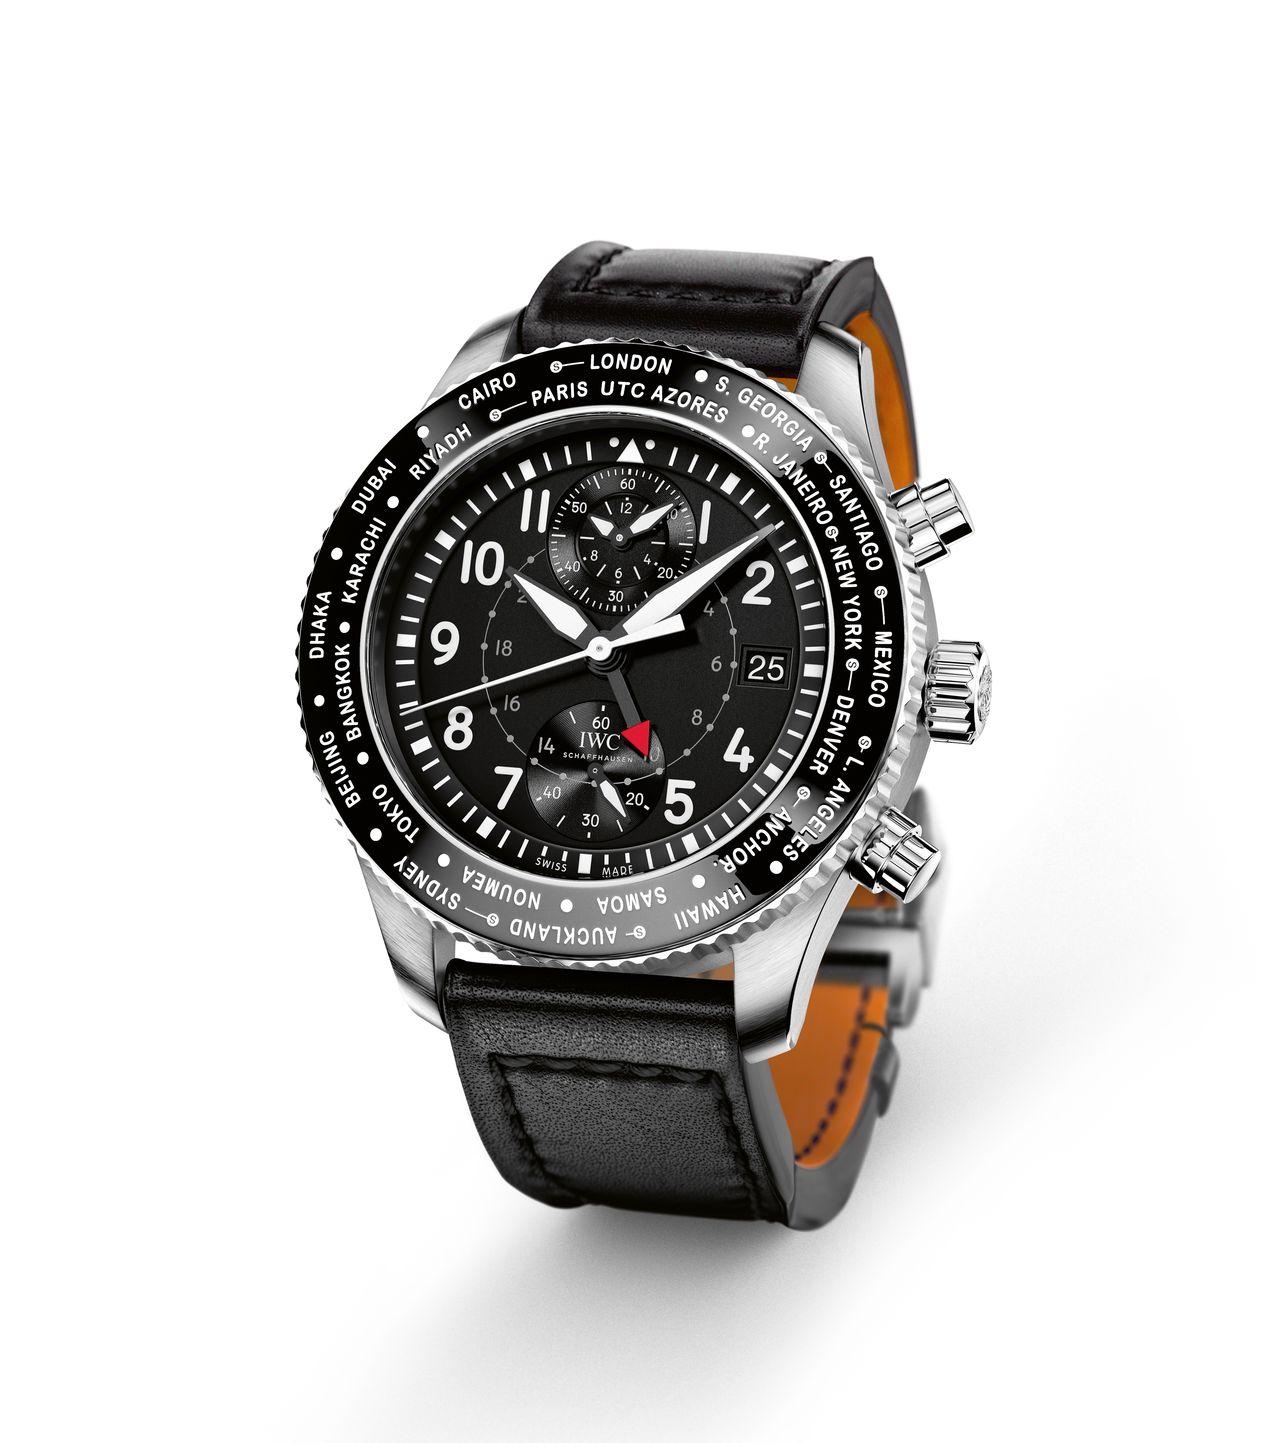 IWC Pilot's- Watch Timezoner Chronograph - a kronográf talán már túl sok a számlapnak (2016-os modell)